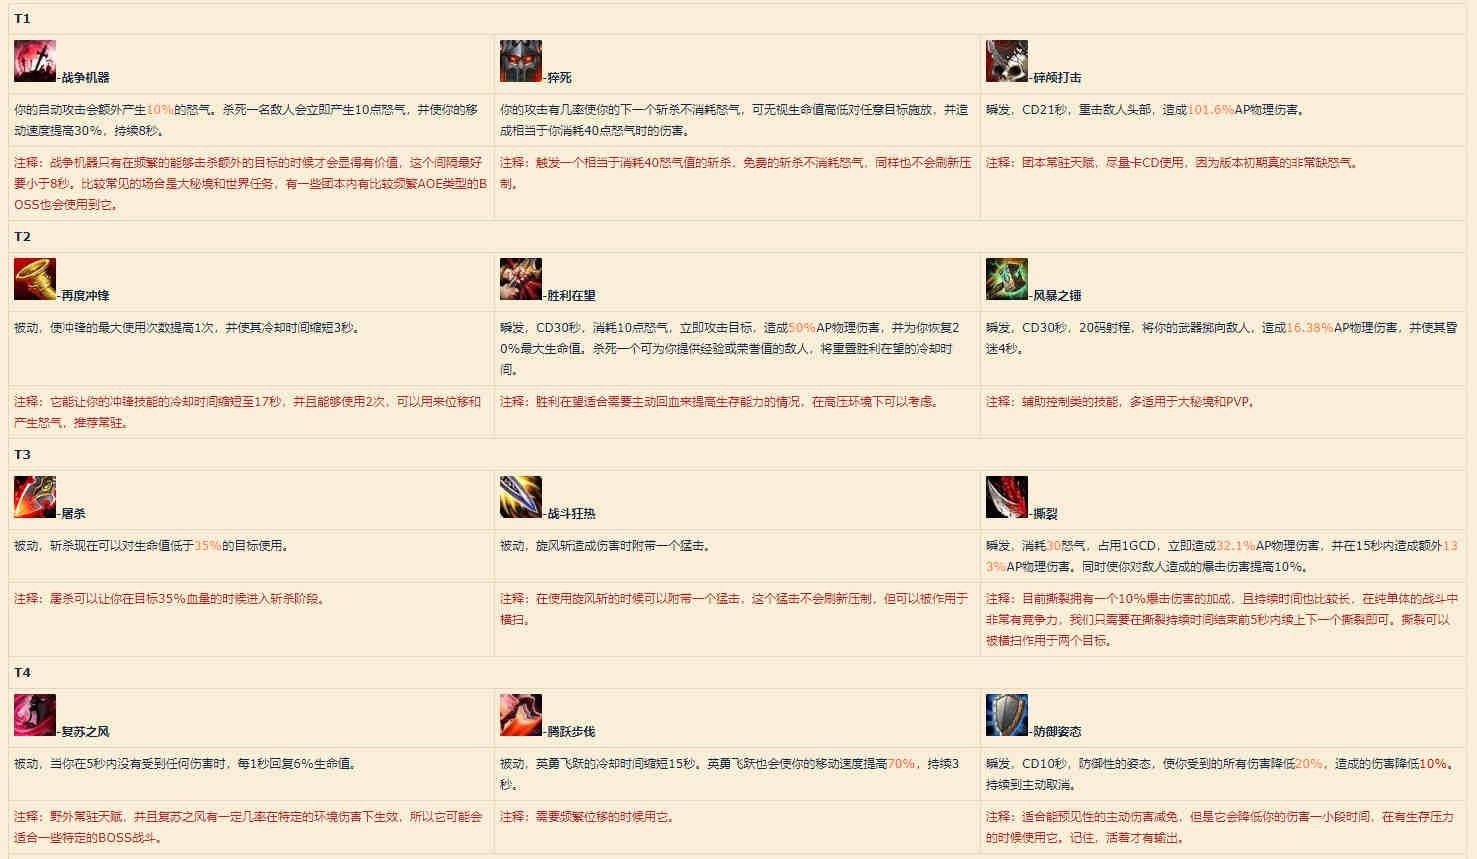 魔兽世界9.0武器战天赋选择 暗影国度武器战天赋推荐